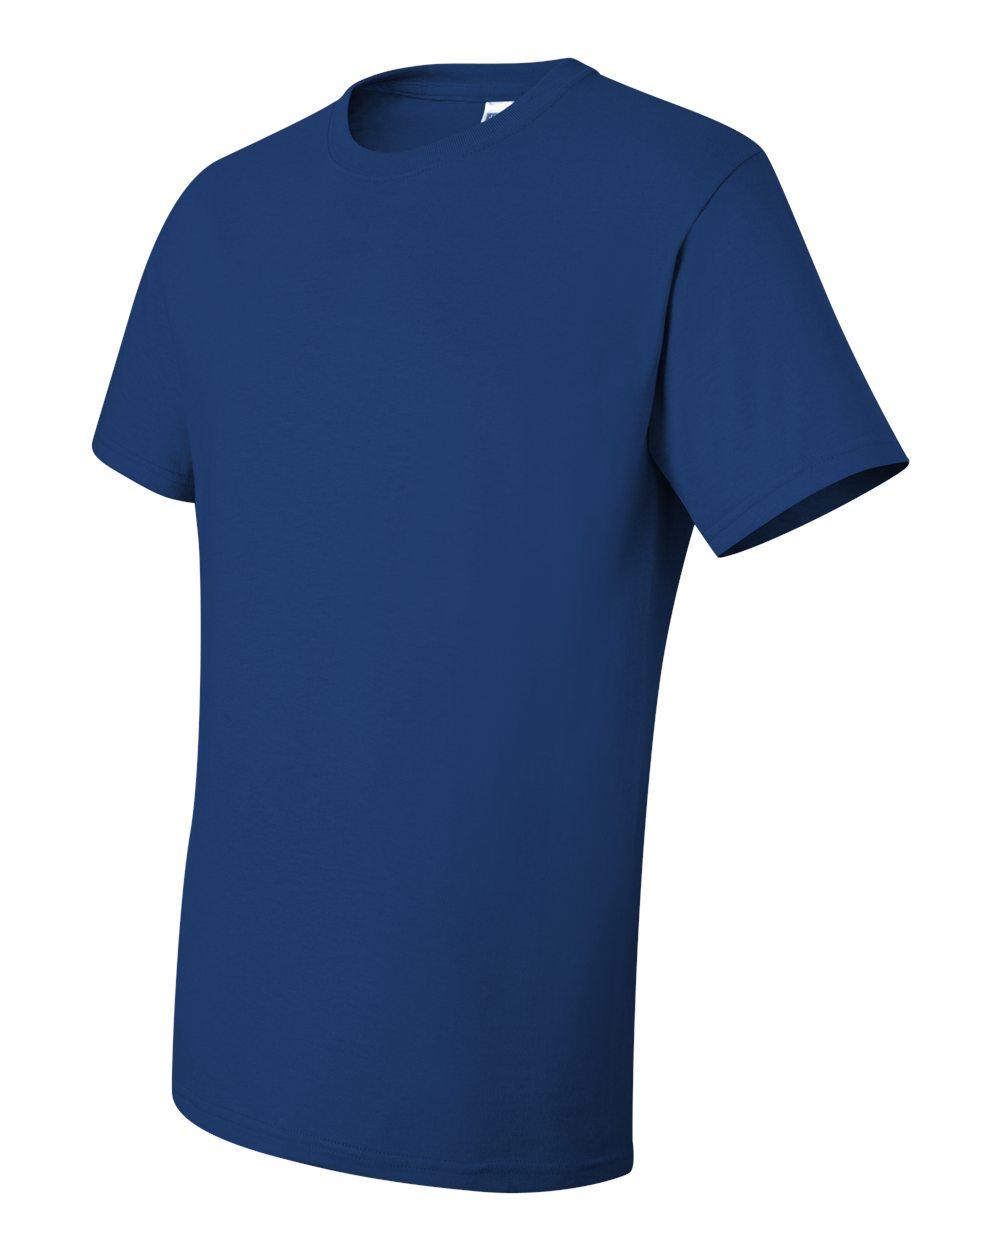 Jerzees-Men-039-s-5-6-oz-50-50-Heavyweight-Blend-T-Shirt-29M-S-4XL thumbnail 18